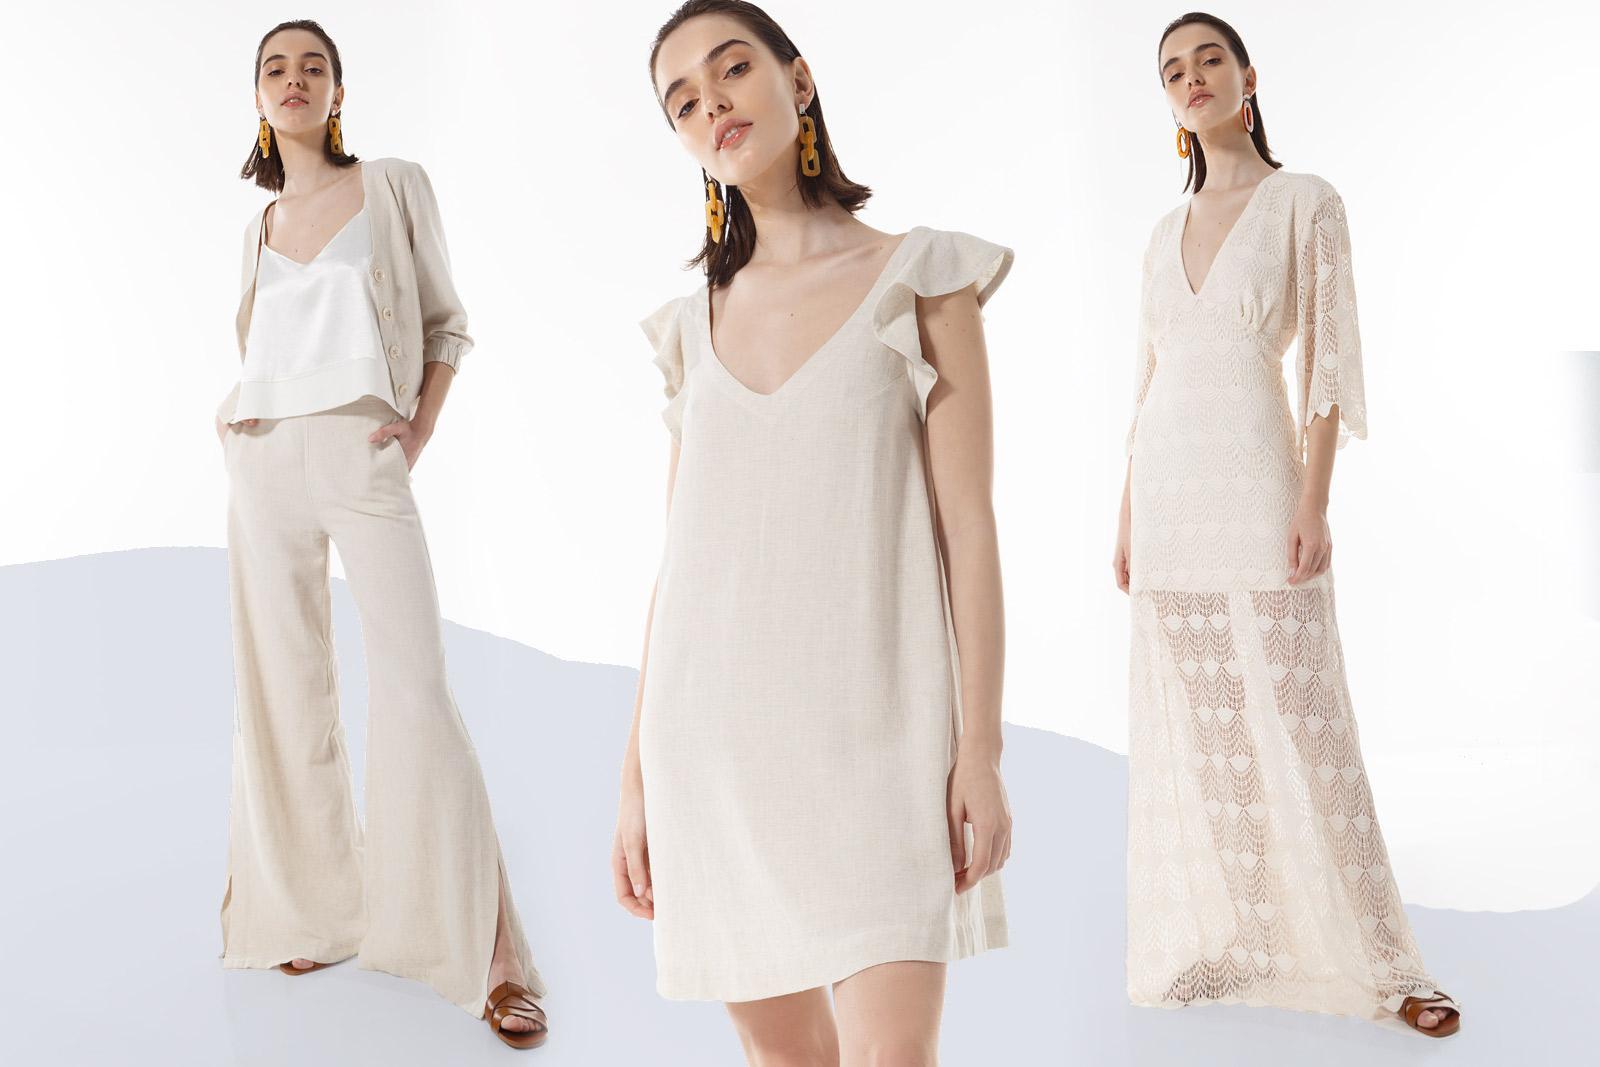 Moda 2020: moda casual verano 2020 ropa de mujer.